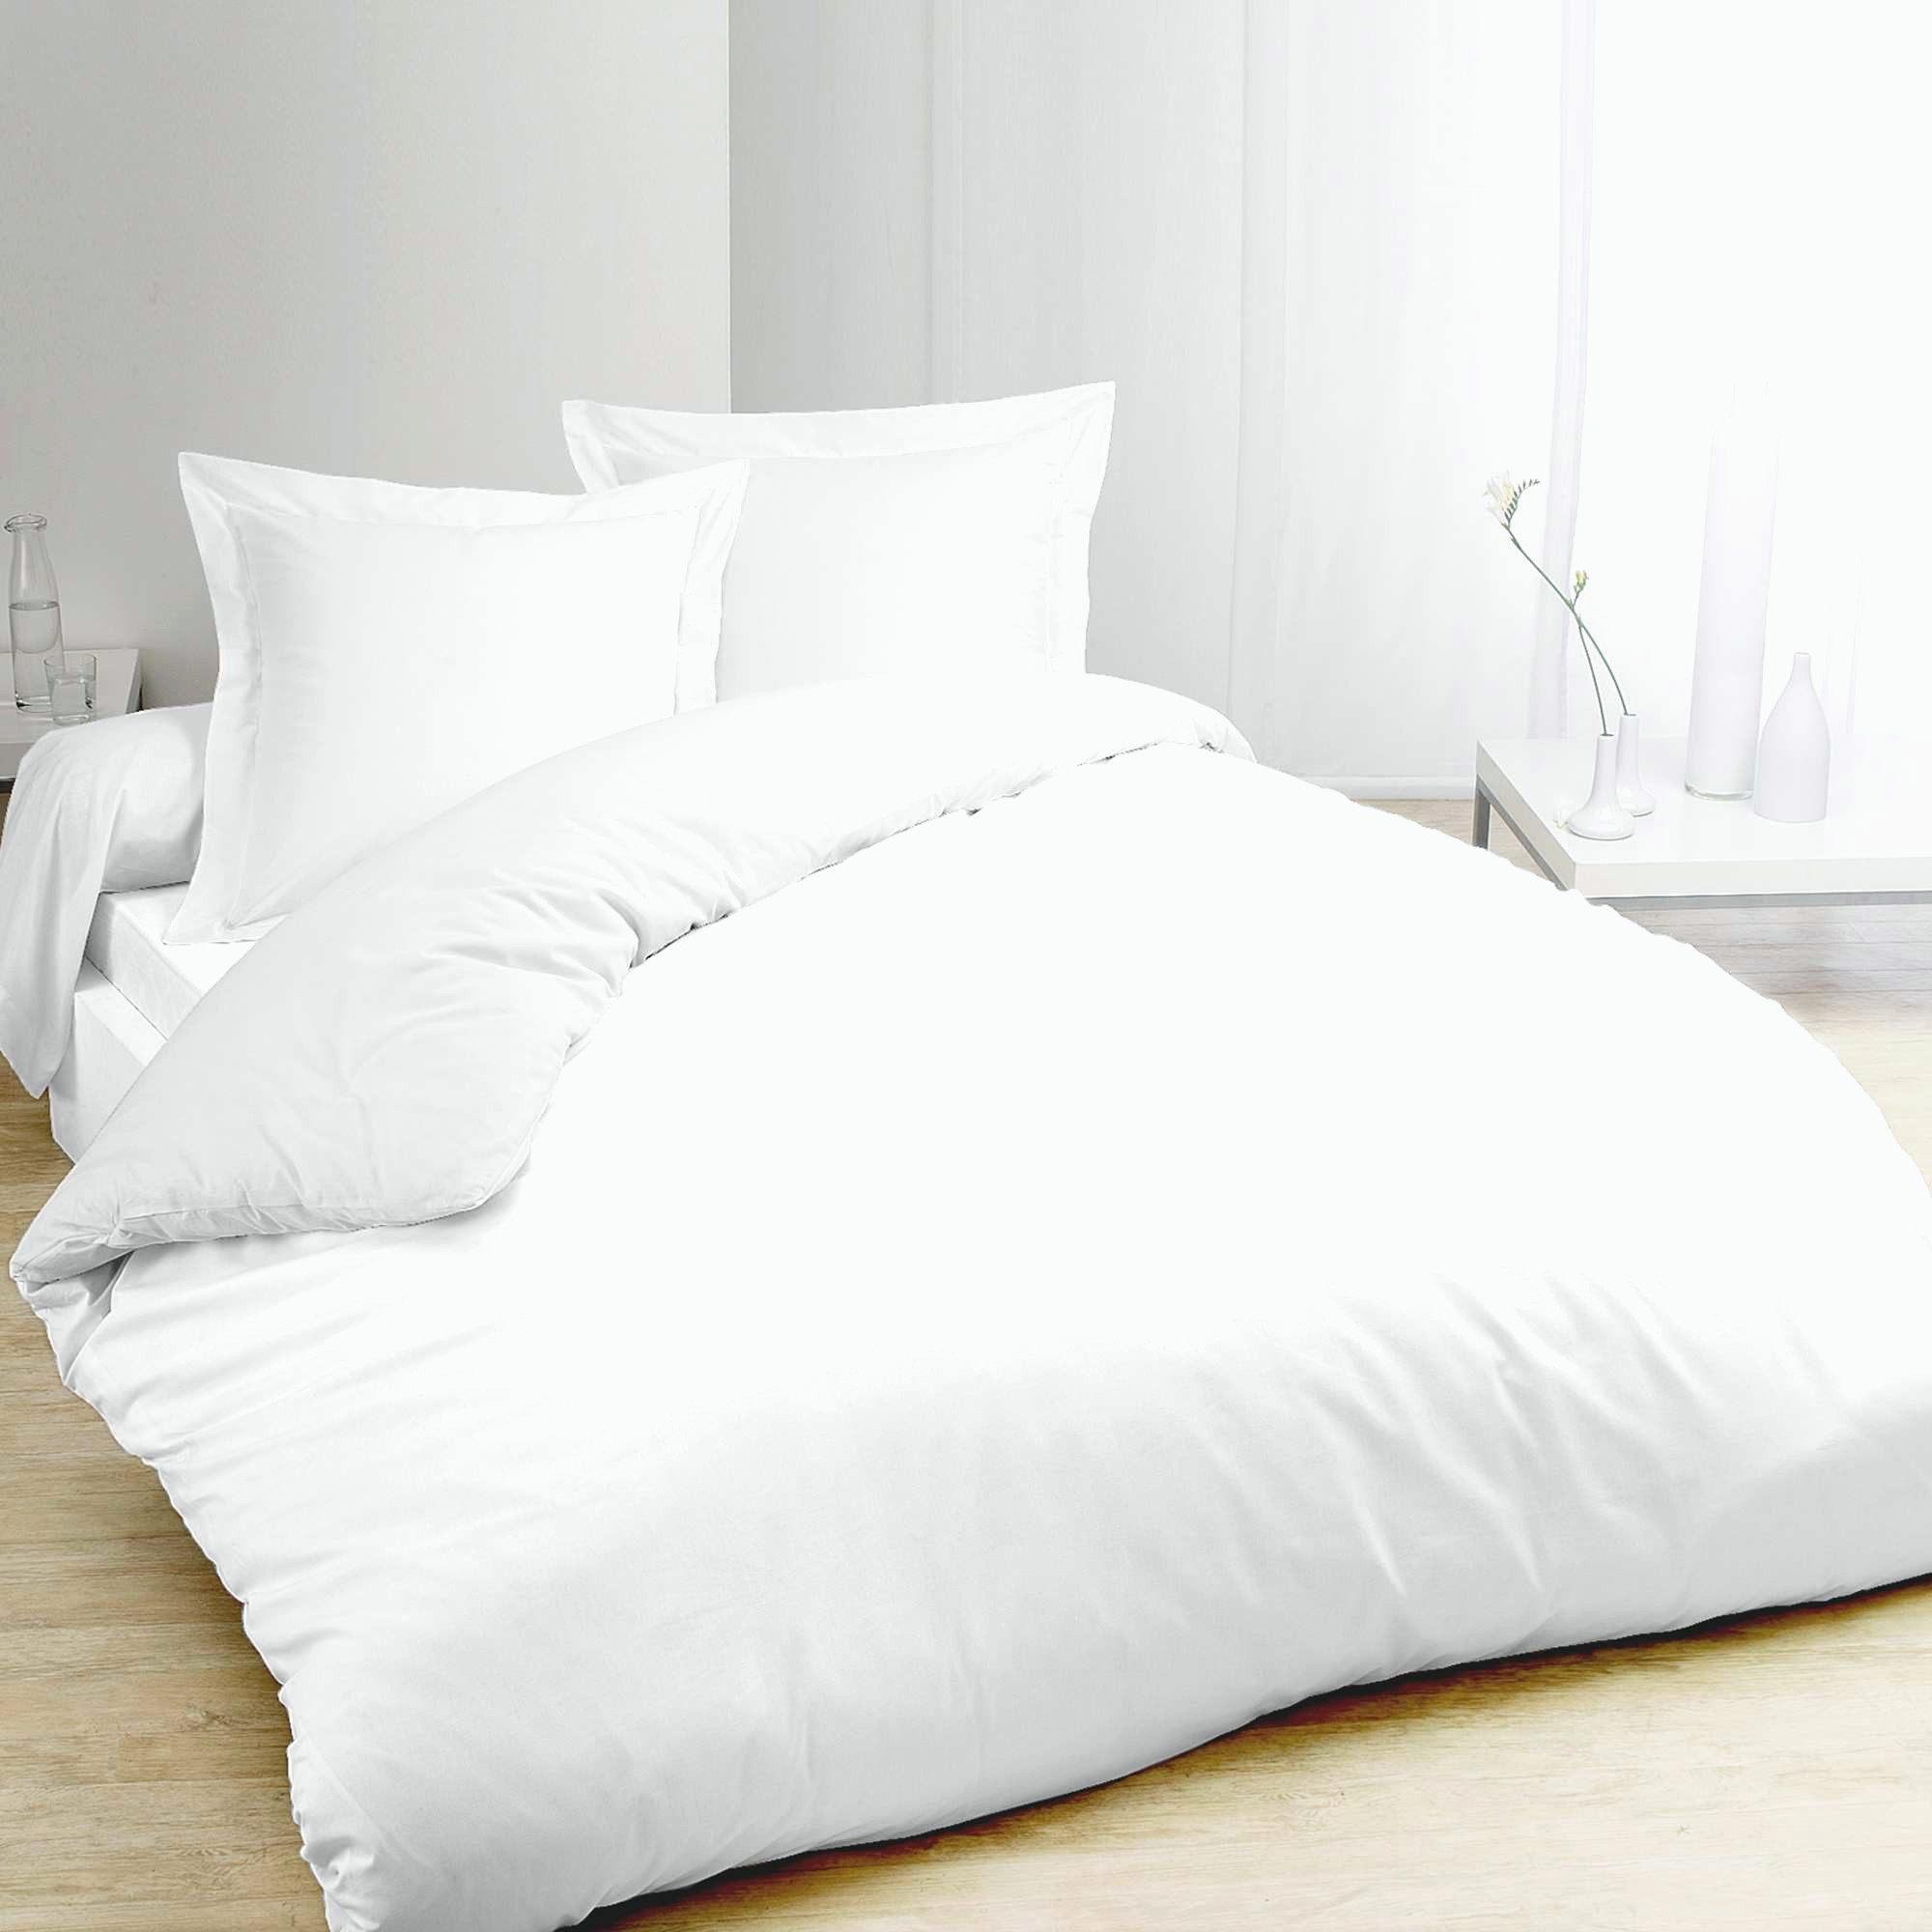 linge de lit la redoute le luxe parure lit enfant. Black Bedroom Furniture Sets. Home Design Ideas